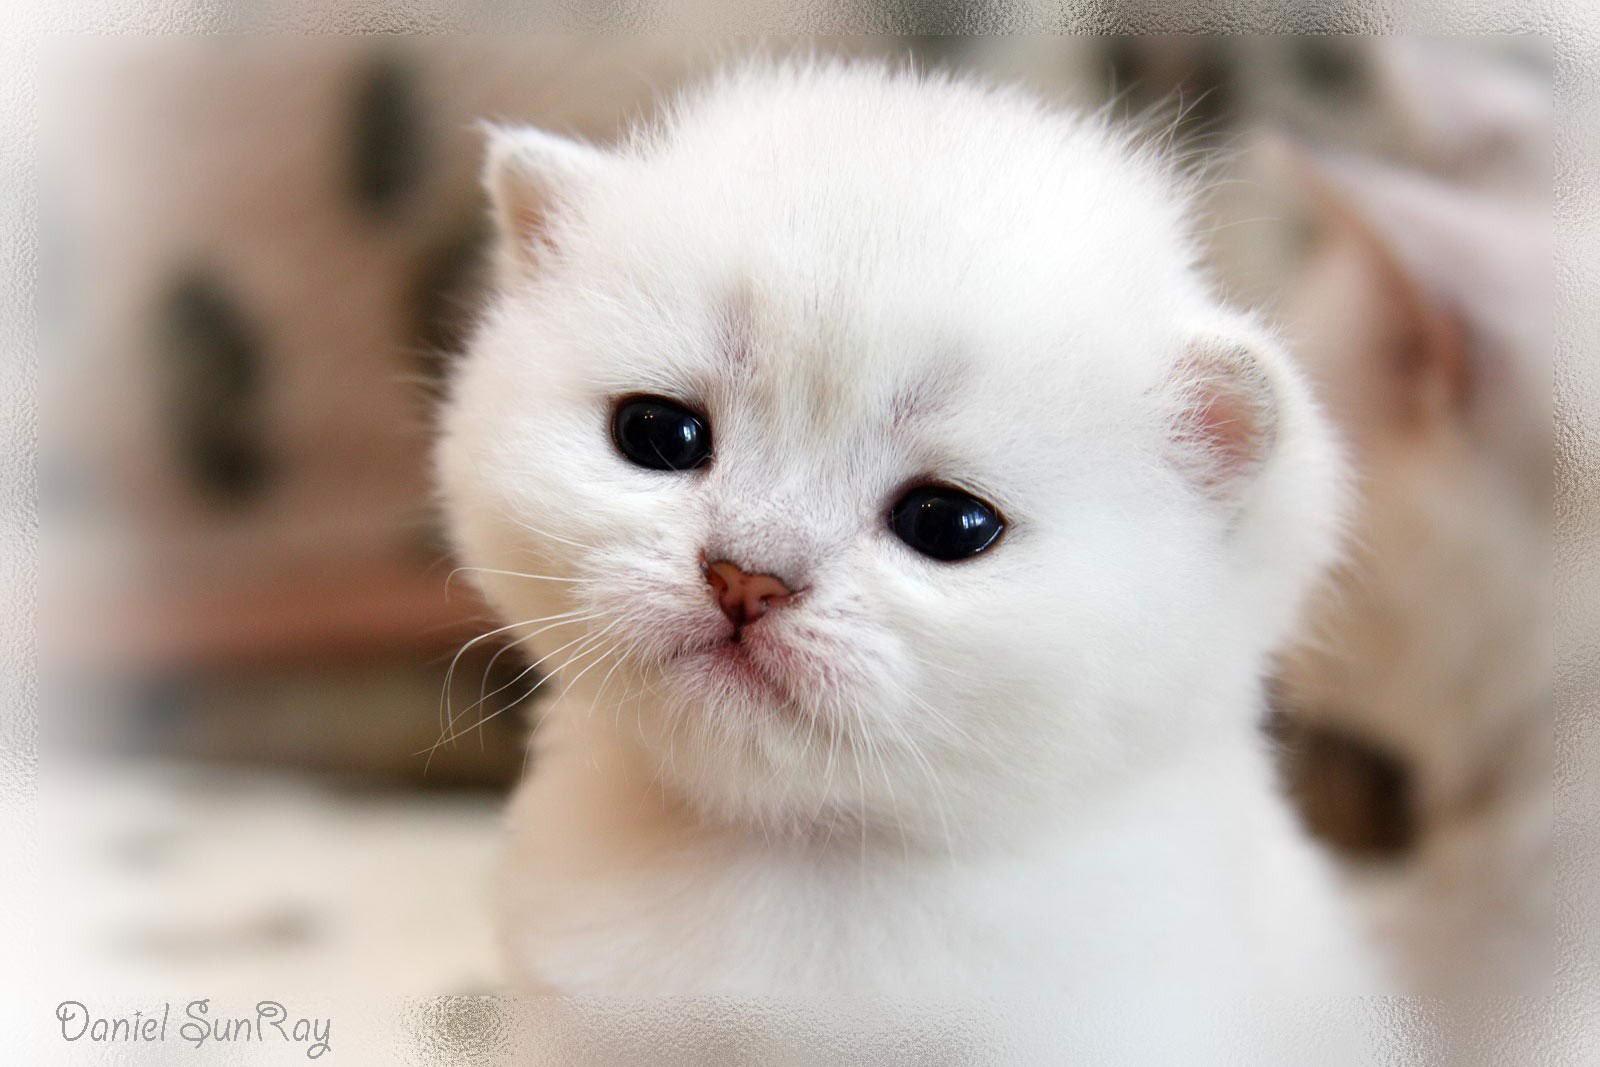 Калининградец стал здешней знаменитостью после того, как спас котенка